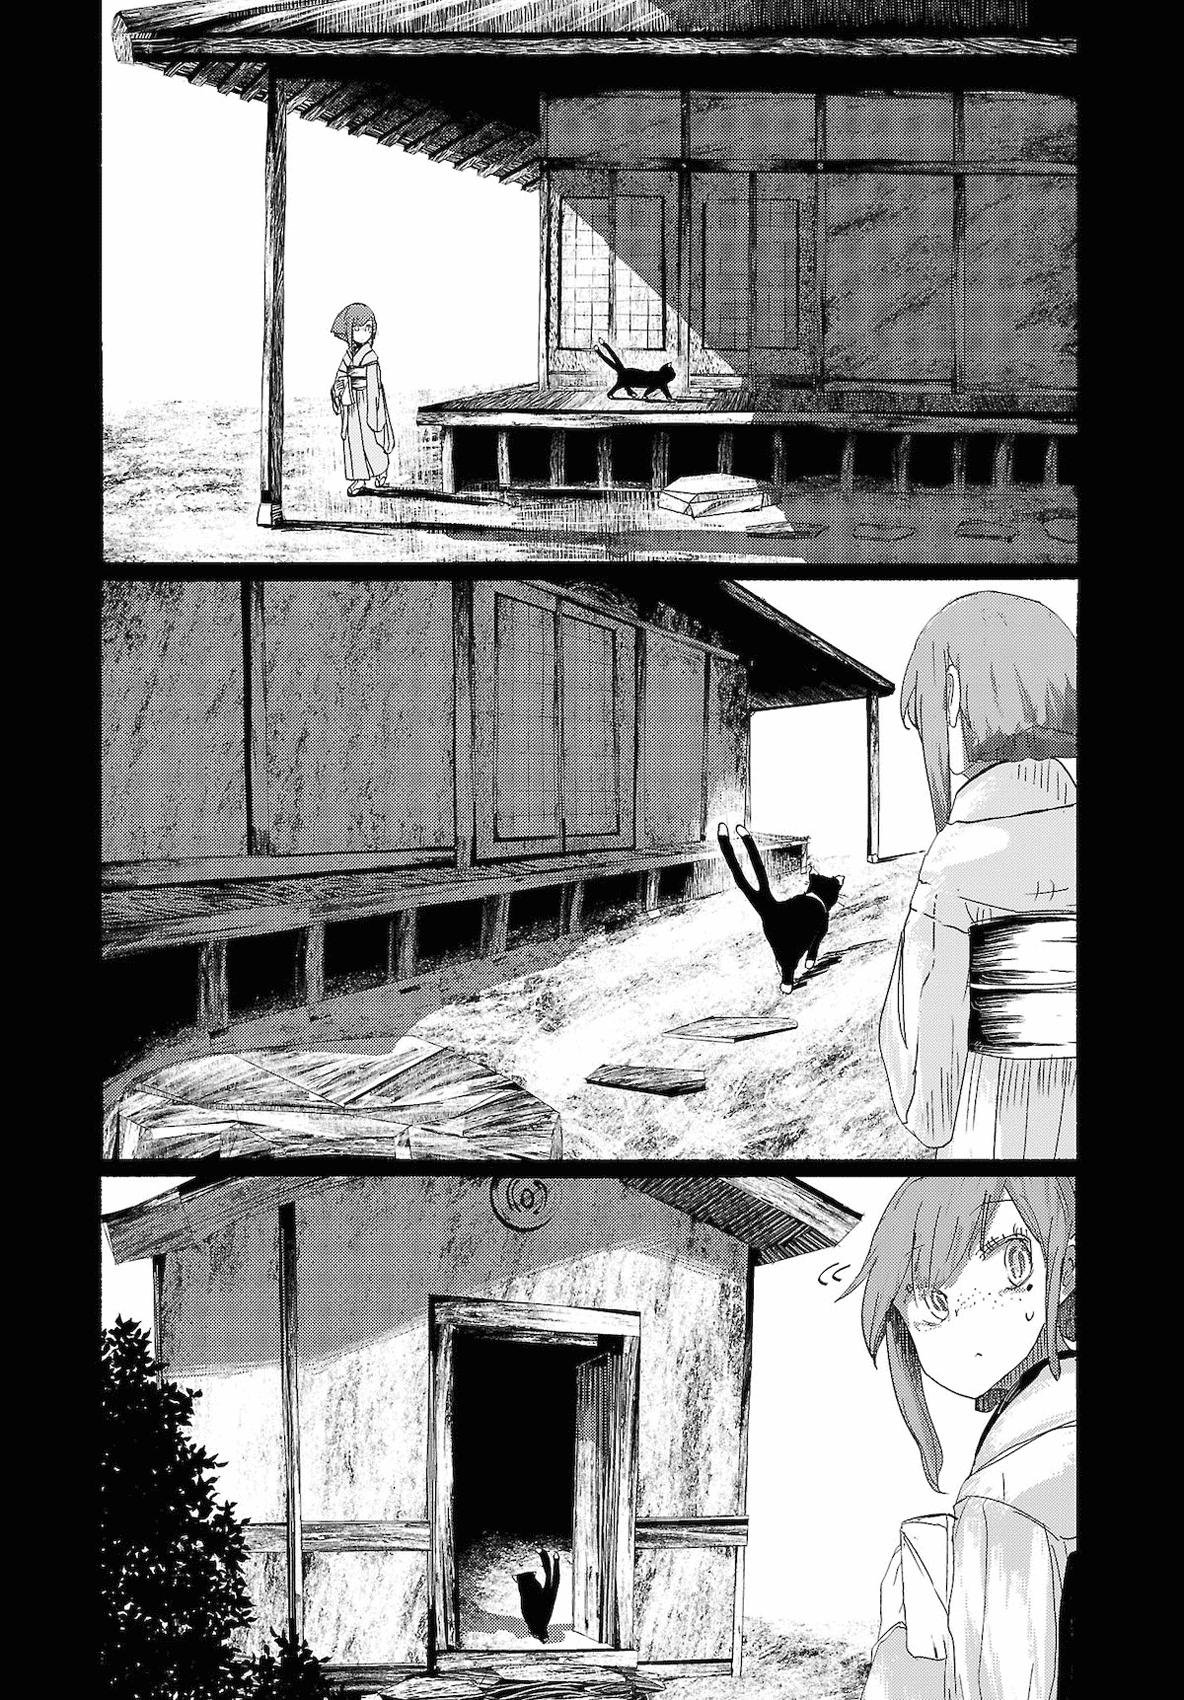 http://lector.patyscans.com/content/comics/ashiyama_5e7e88fa9b11d/11-0-el-gensokyo-de-los-humanos-11_5f85cd09d6812/01.png